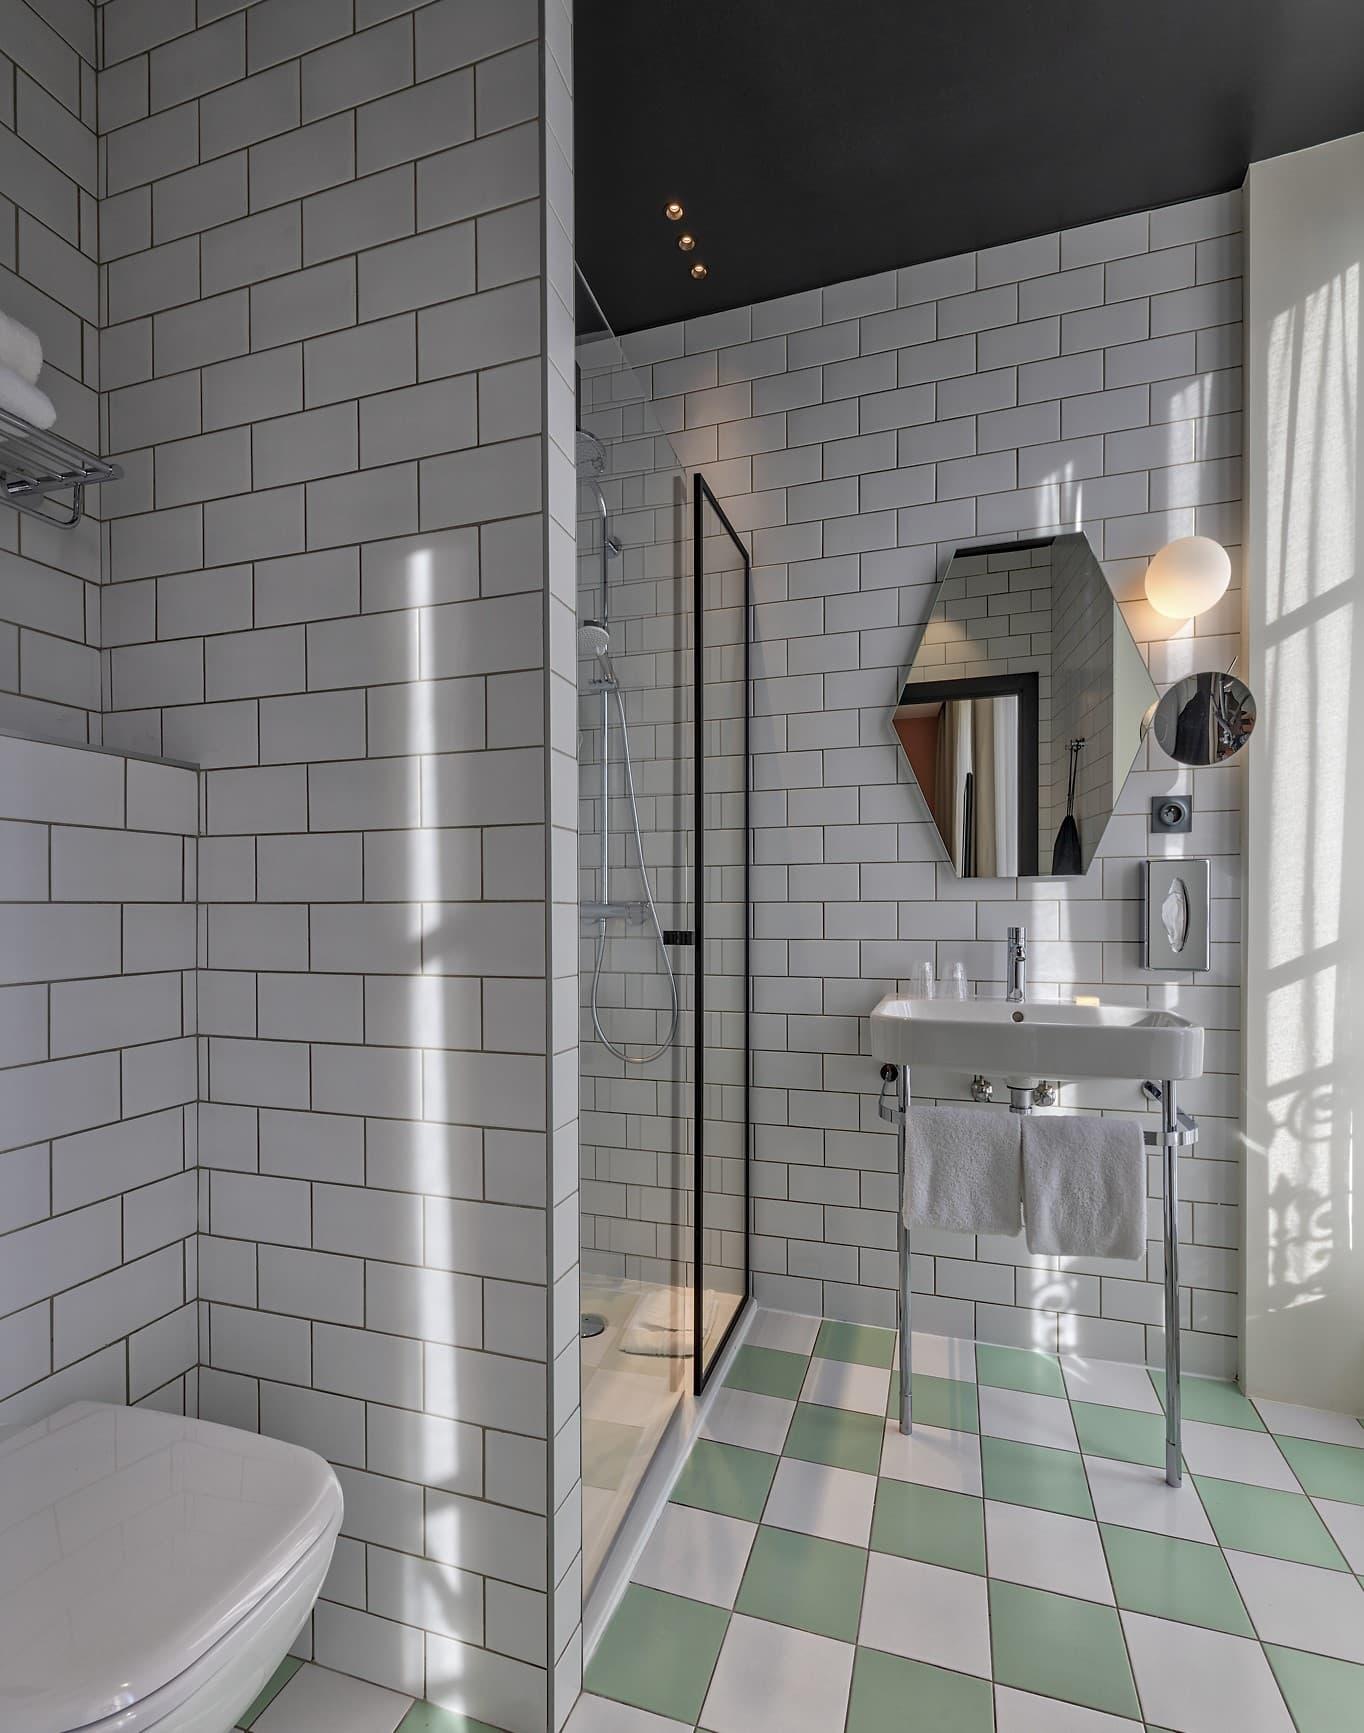 Eclairage d'une salle de bain de l'Hôtel Mercure Les Feuillants